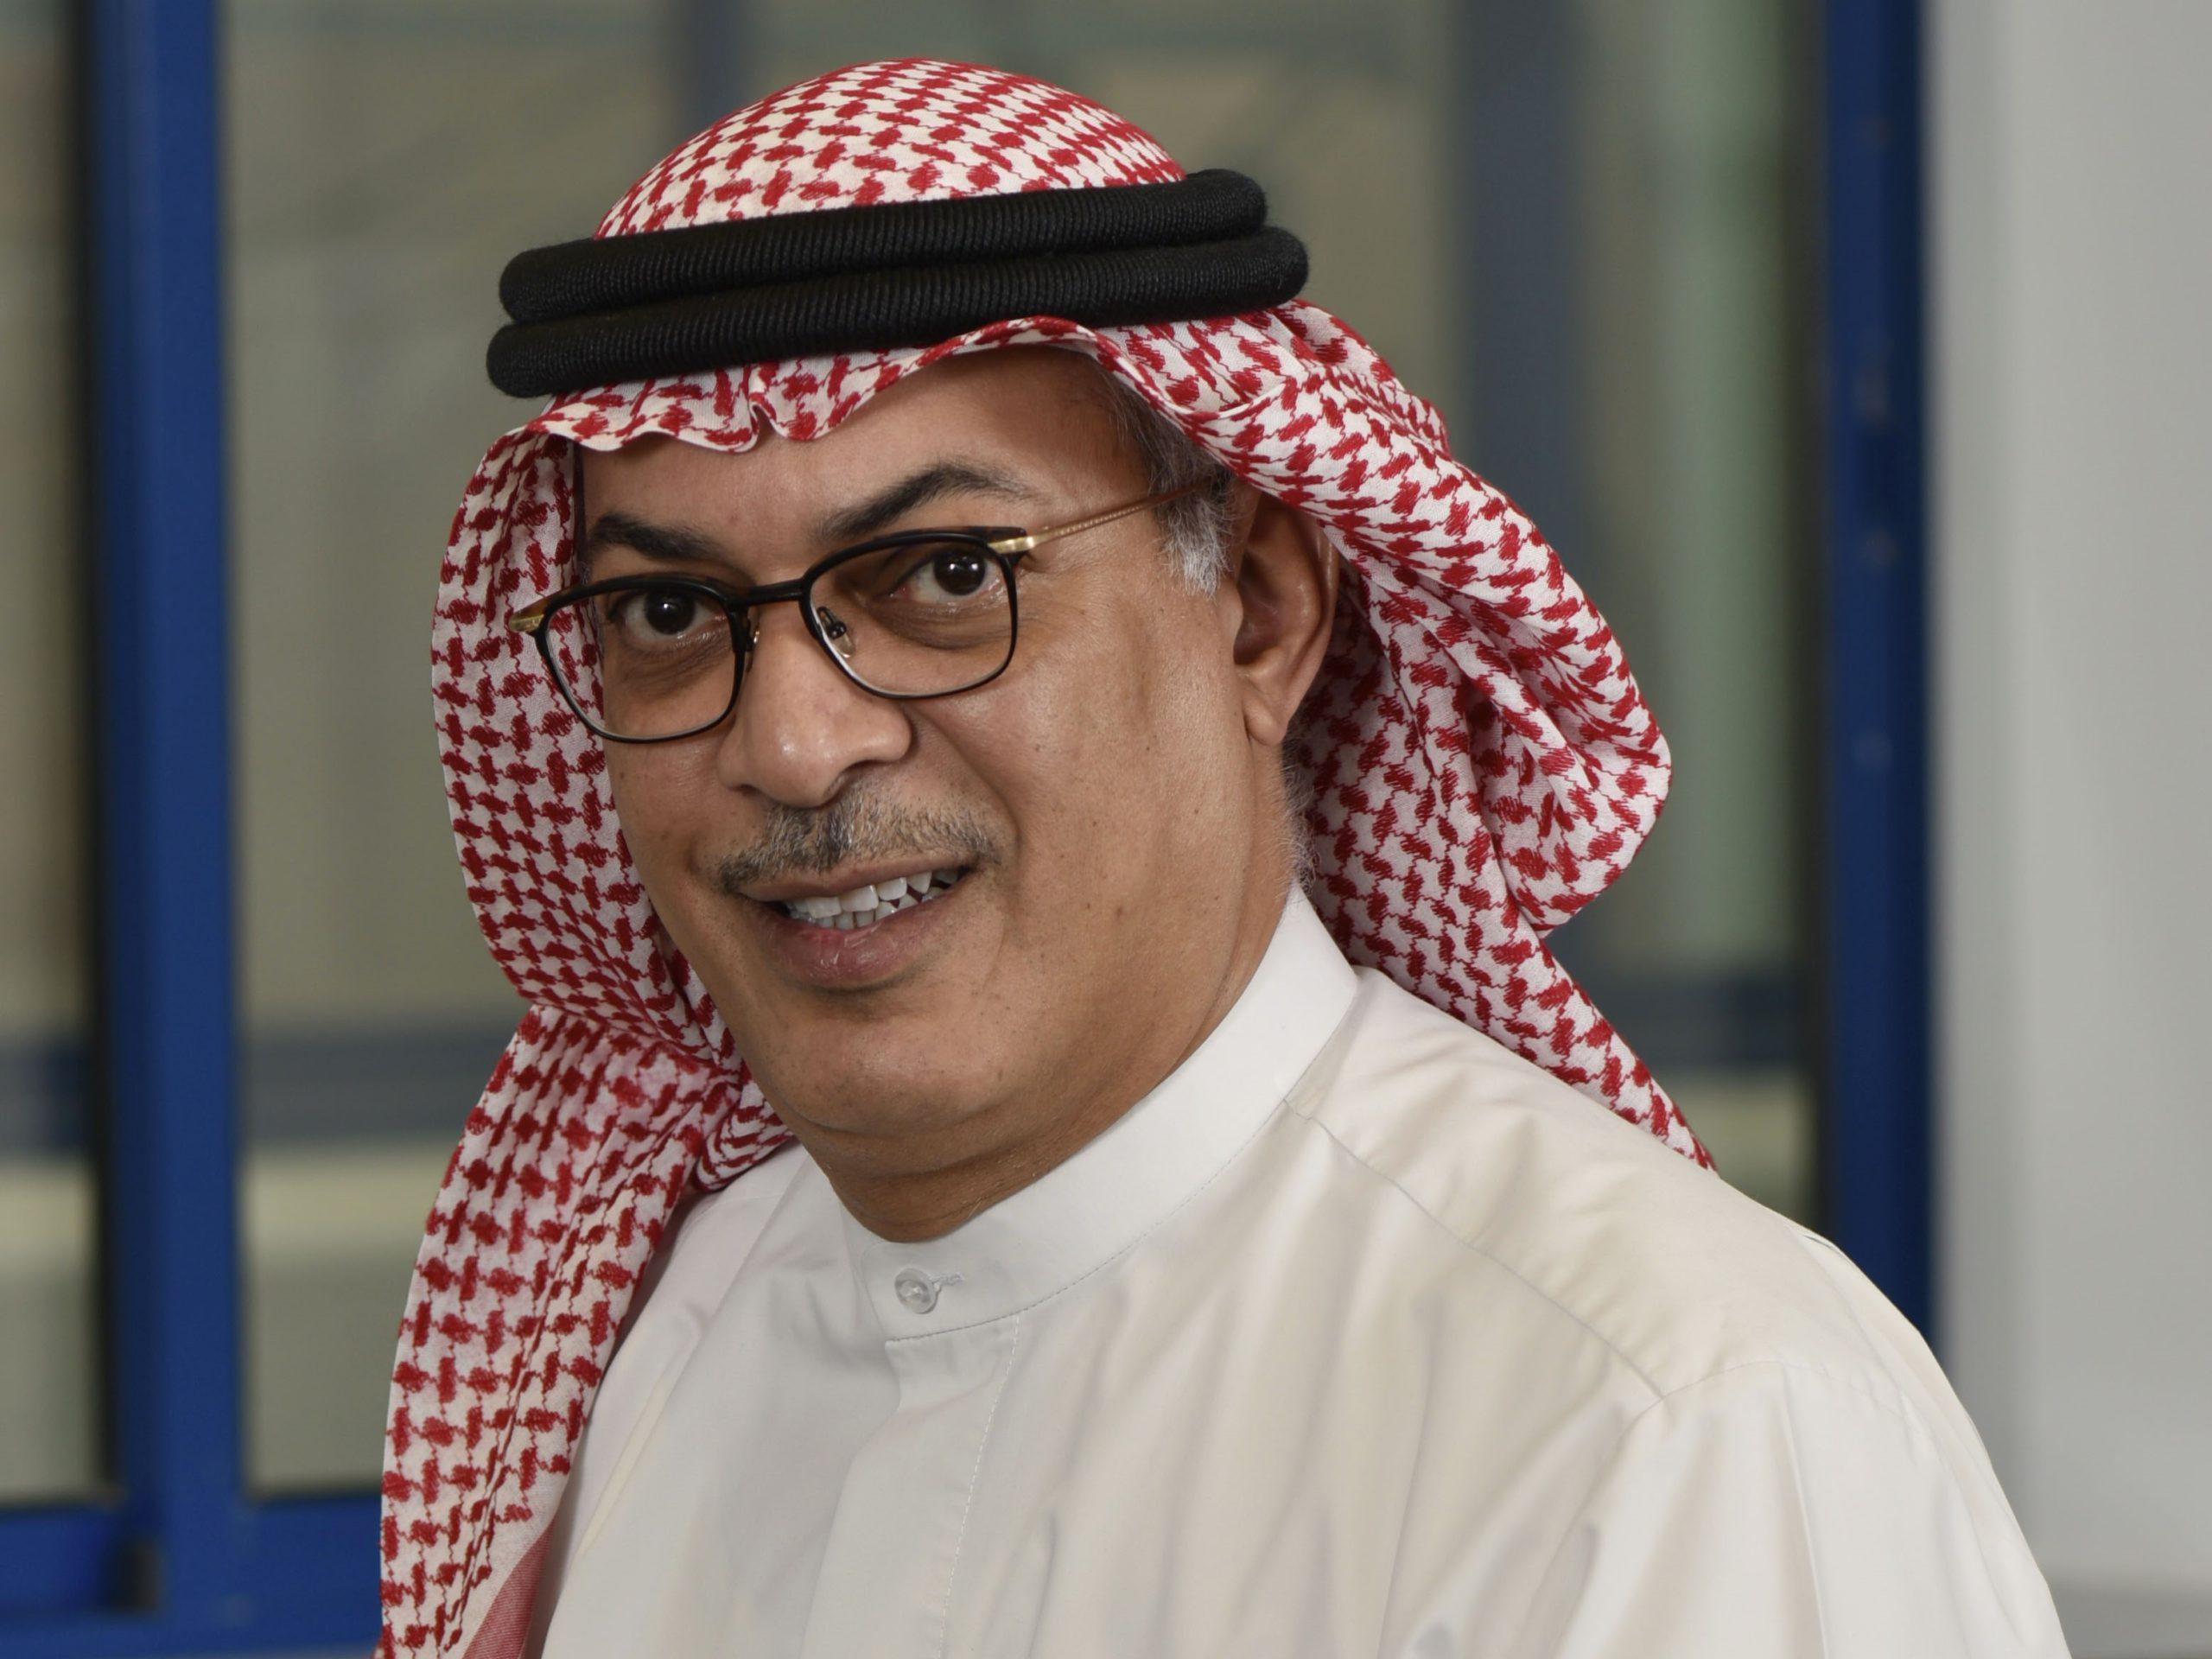 Shaikh Ahmed bin Khalifa Al Khalifa